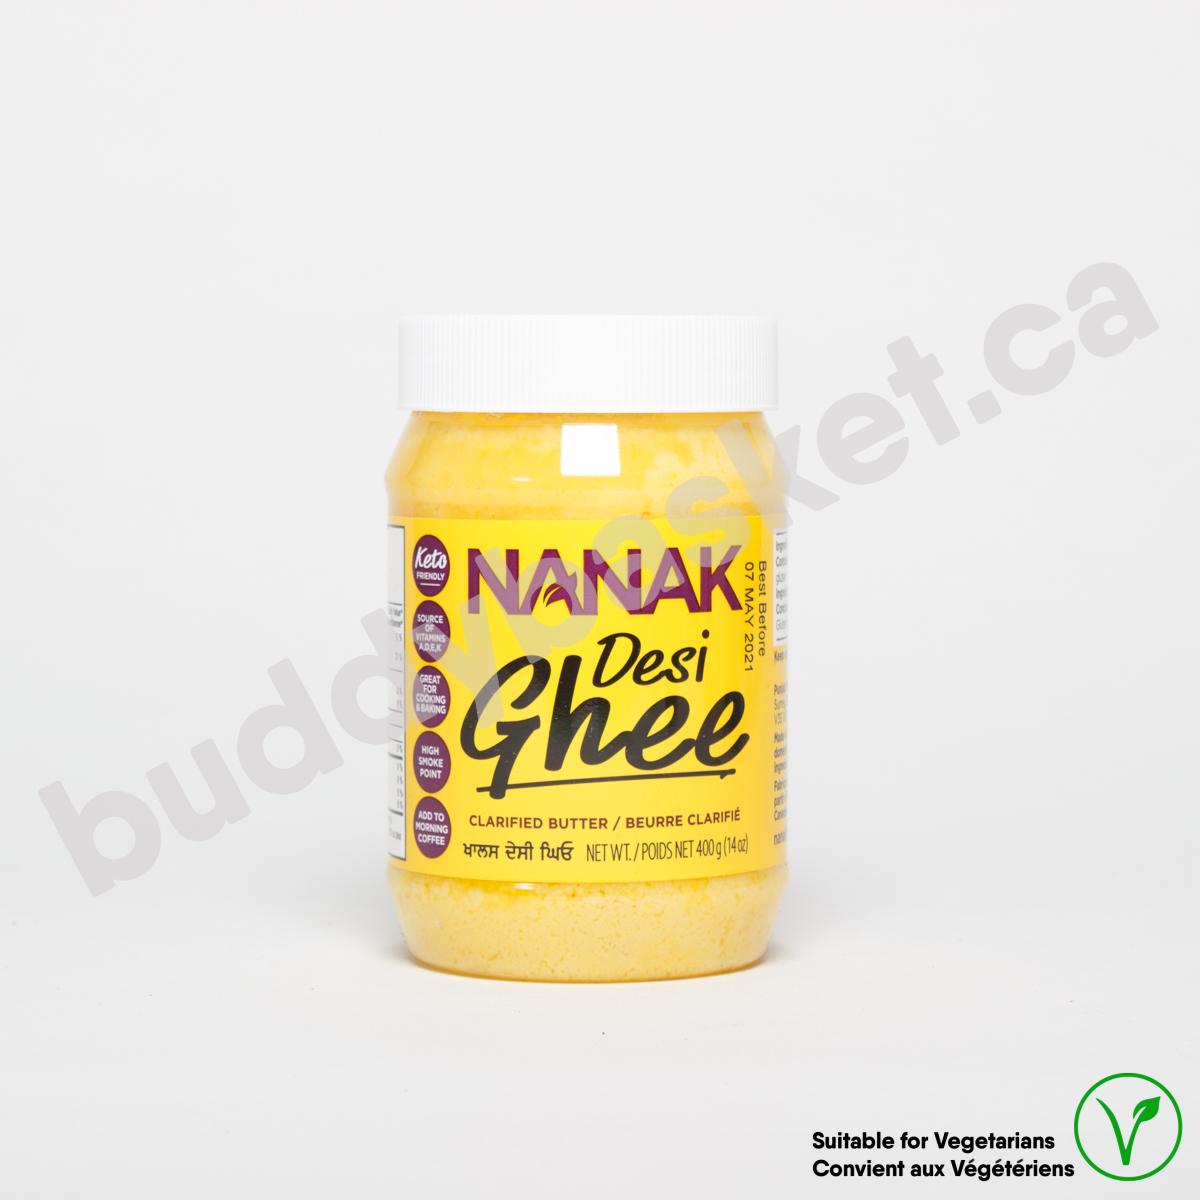 Nanak Desi Ghee 400g